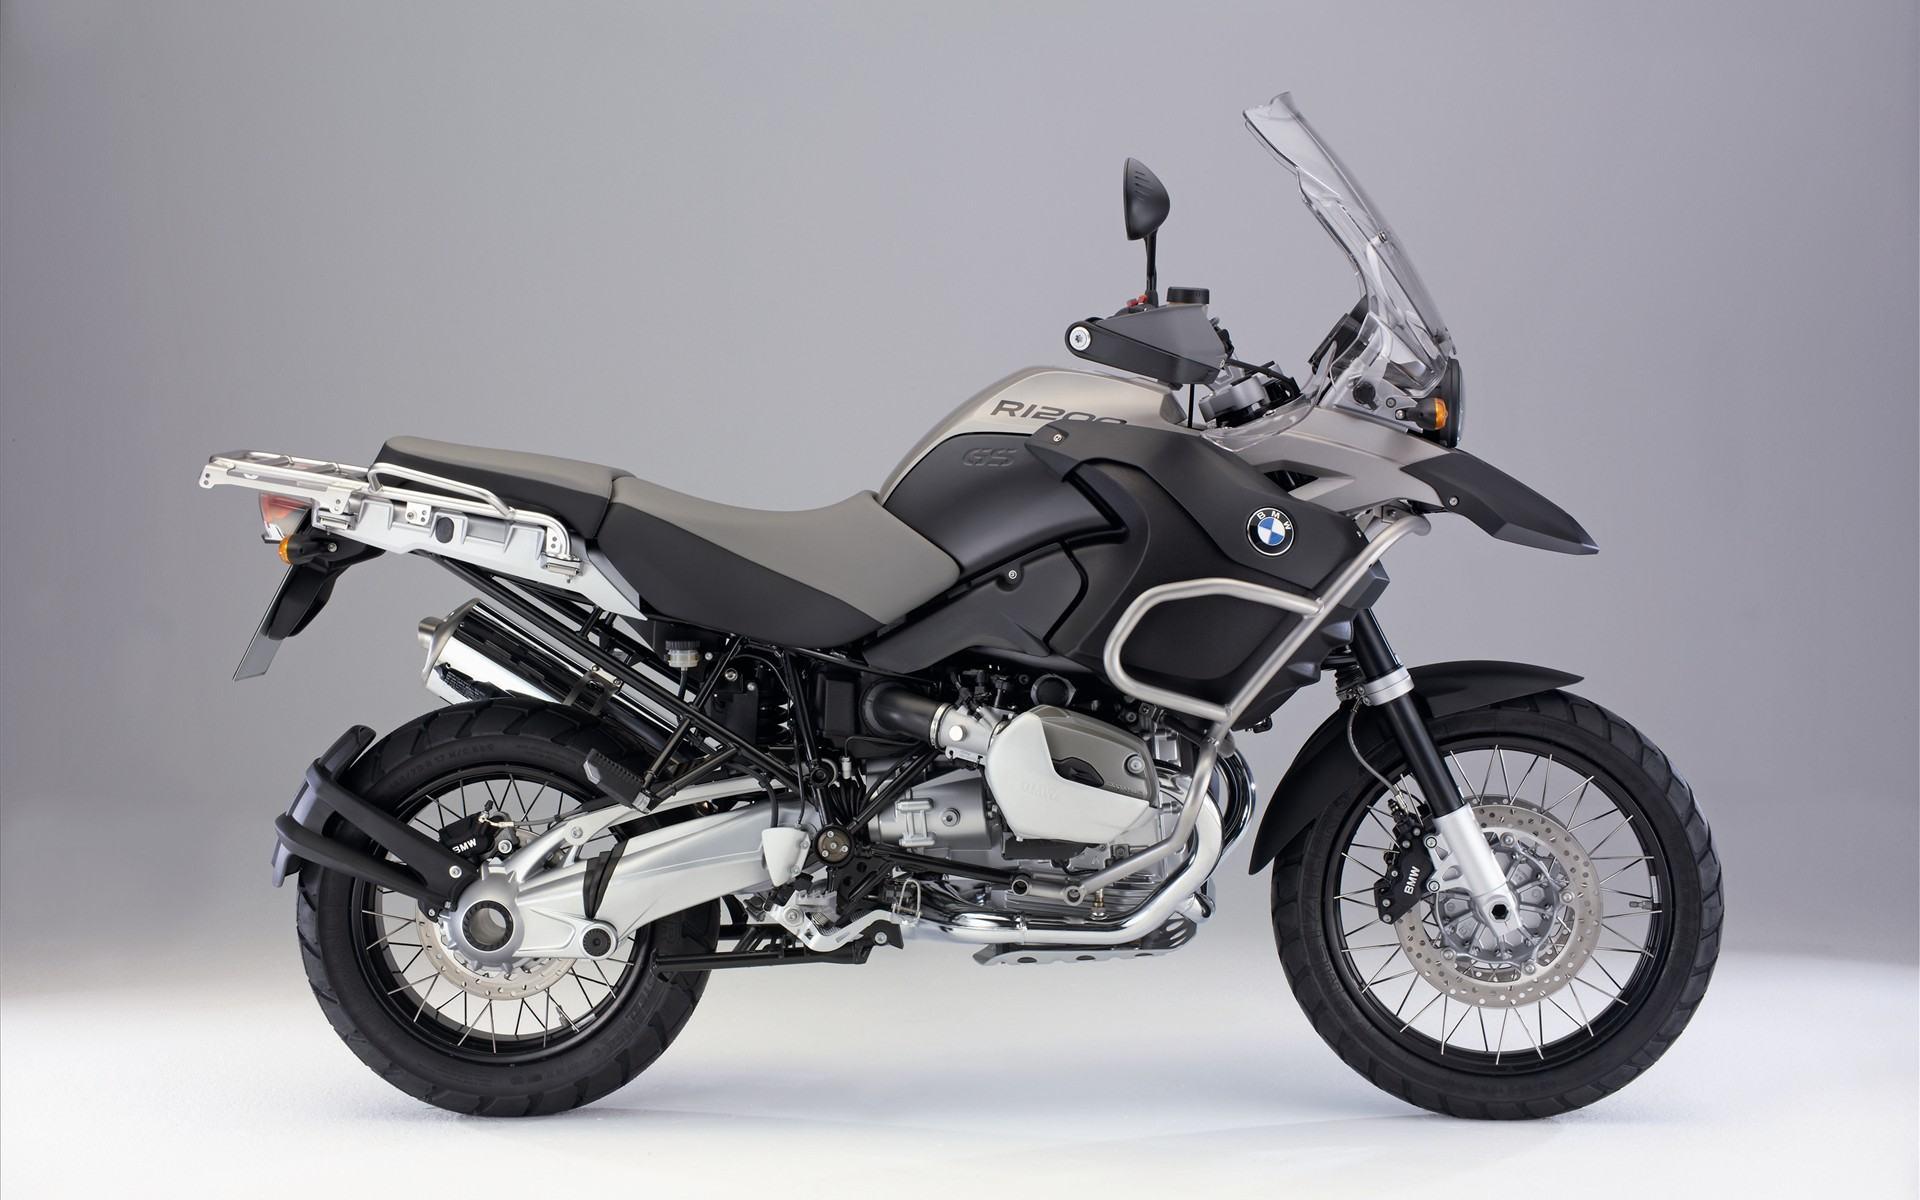 bmw r 1200 gs motorbike rentals. Black Bedroom Furniture Sets. Home Design Ideas